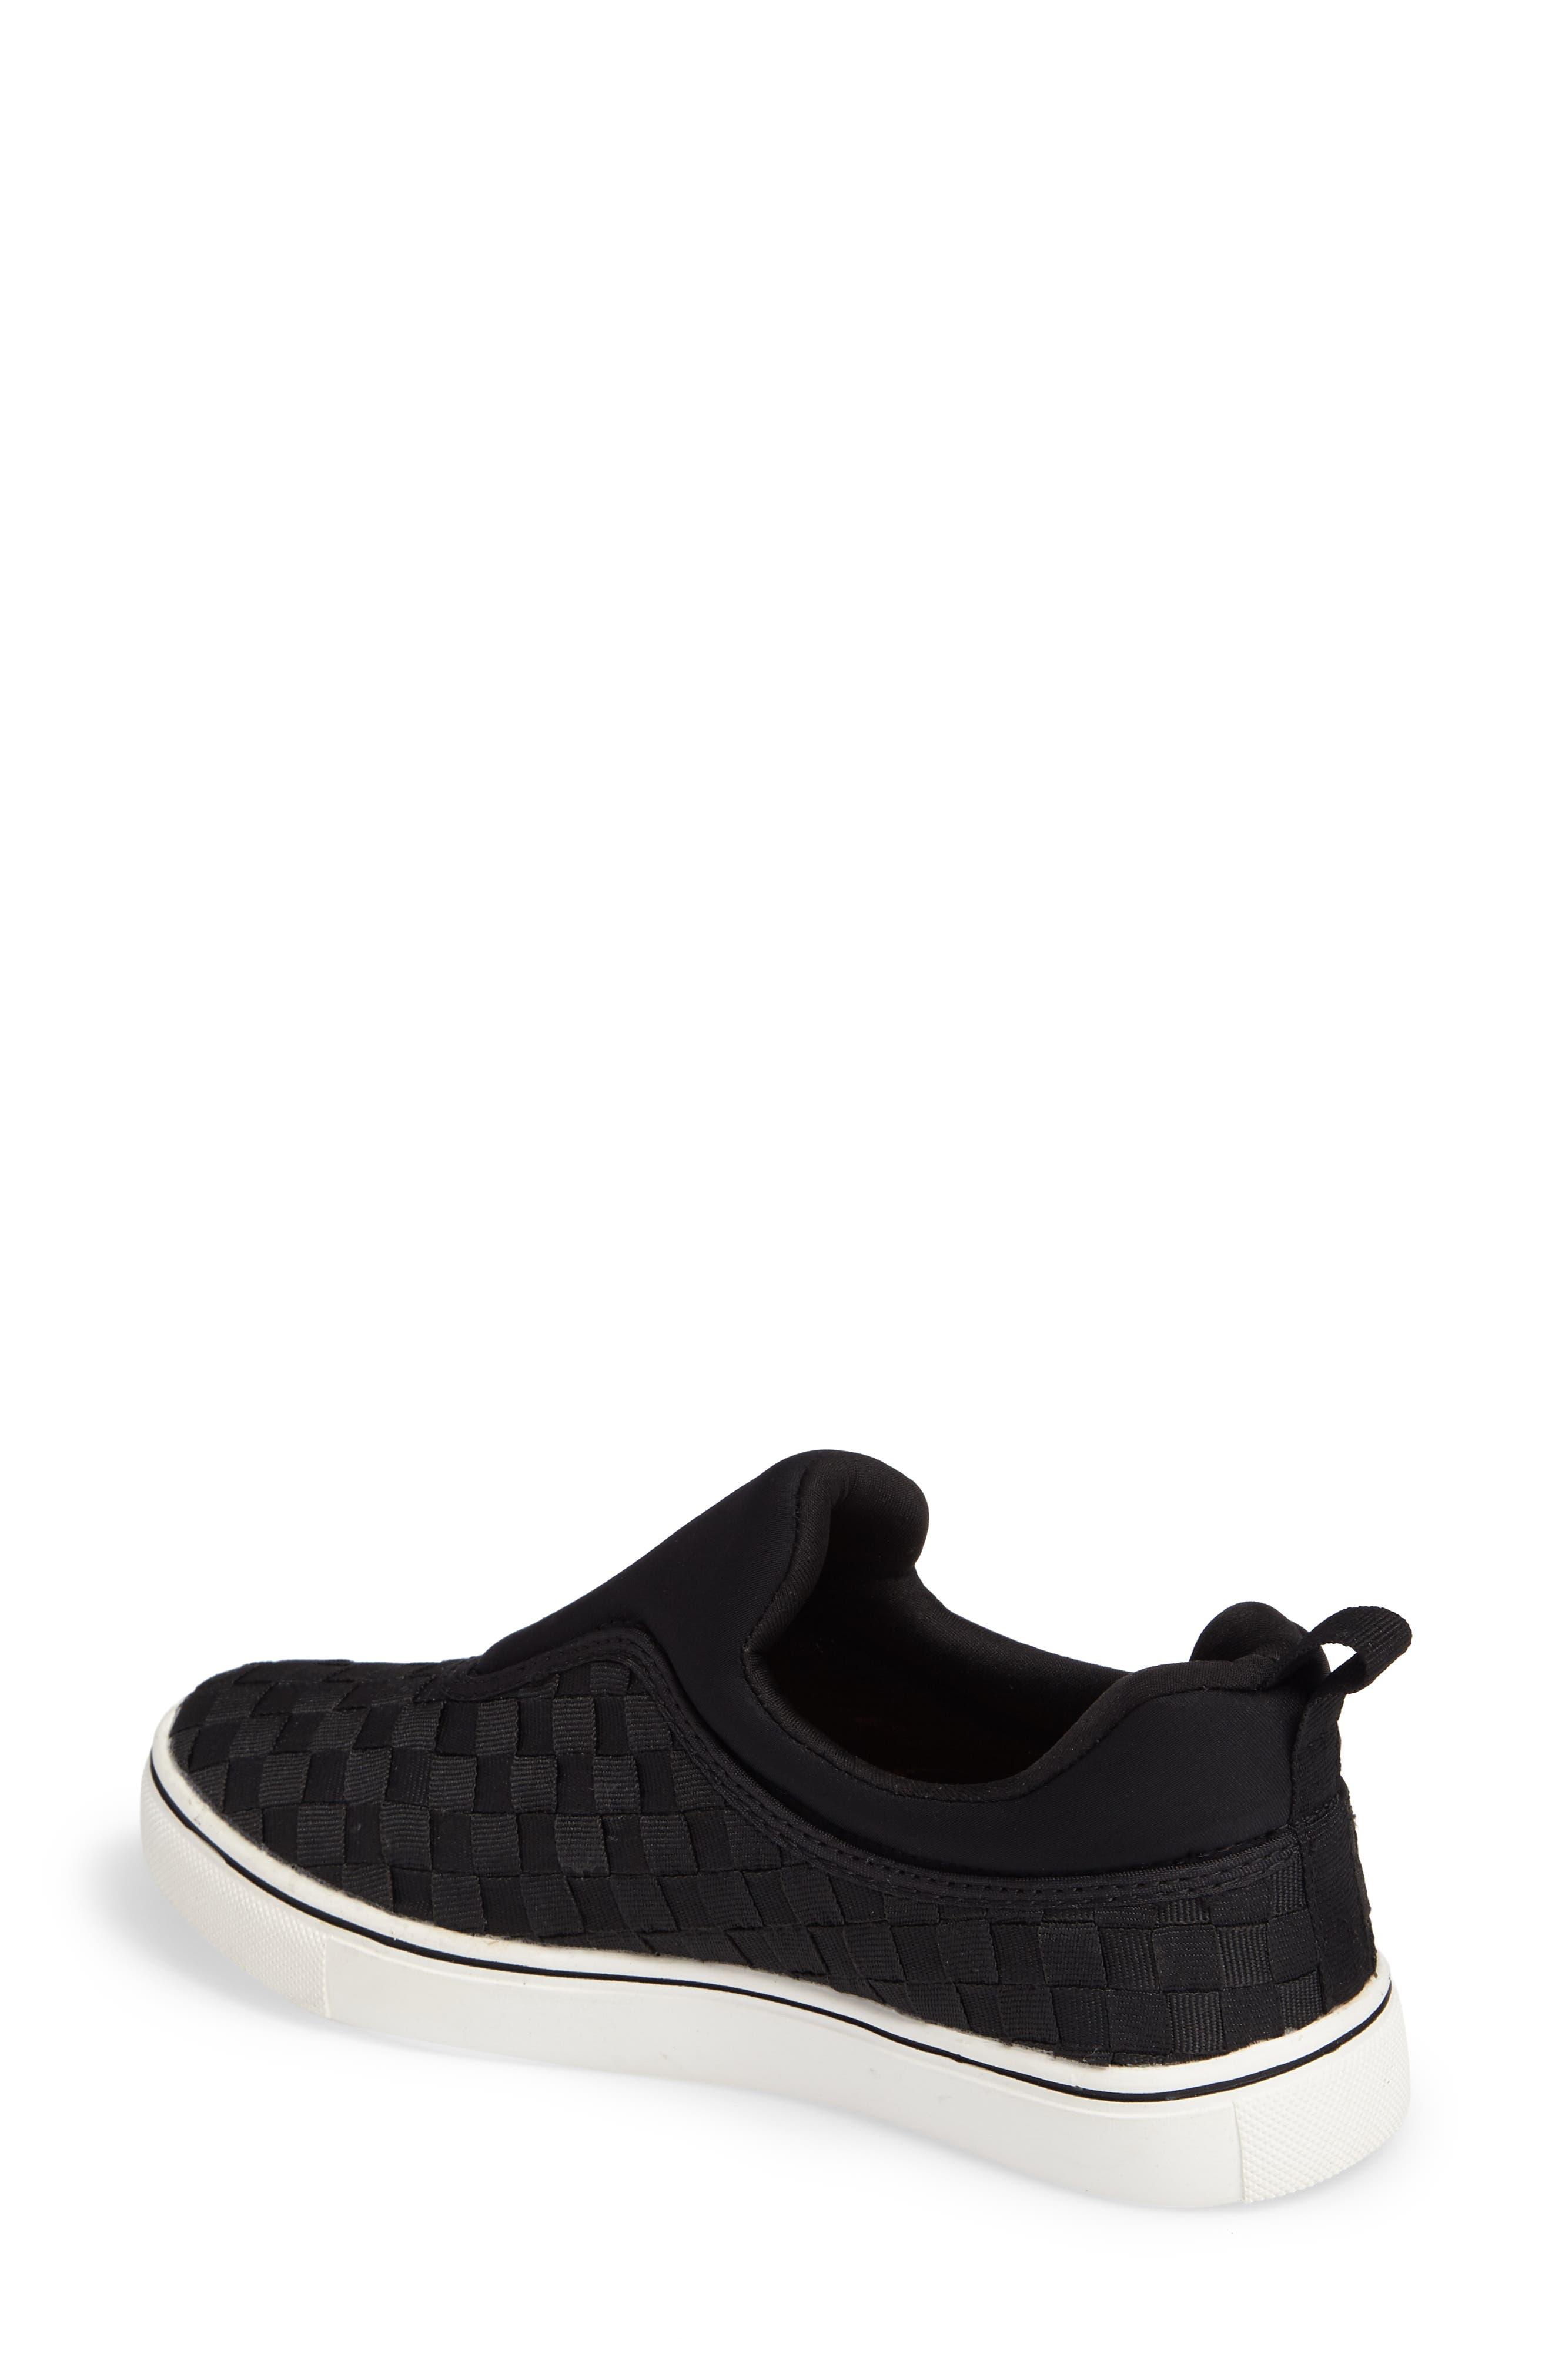 BERNIE MEV., Bernie Mev Joan Slip-On Sneaker, Alternate thumbnail 2, color, BLACK/ BLACK FABRIC